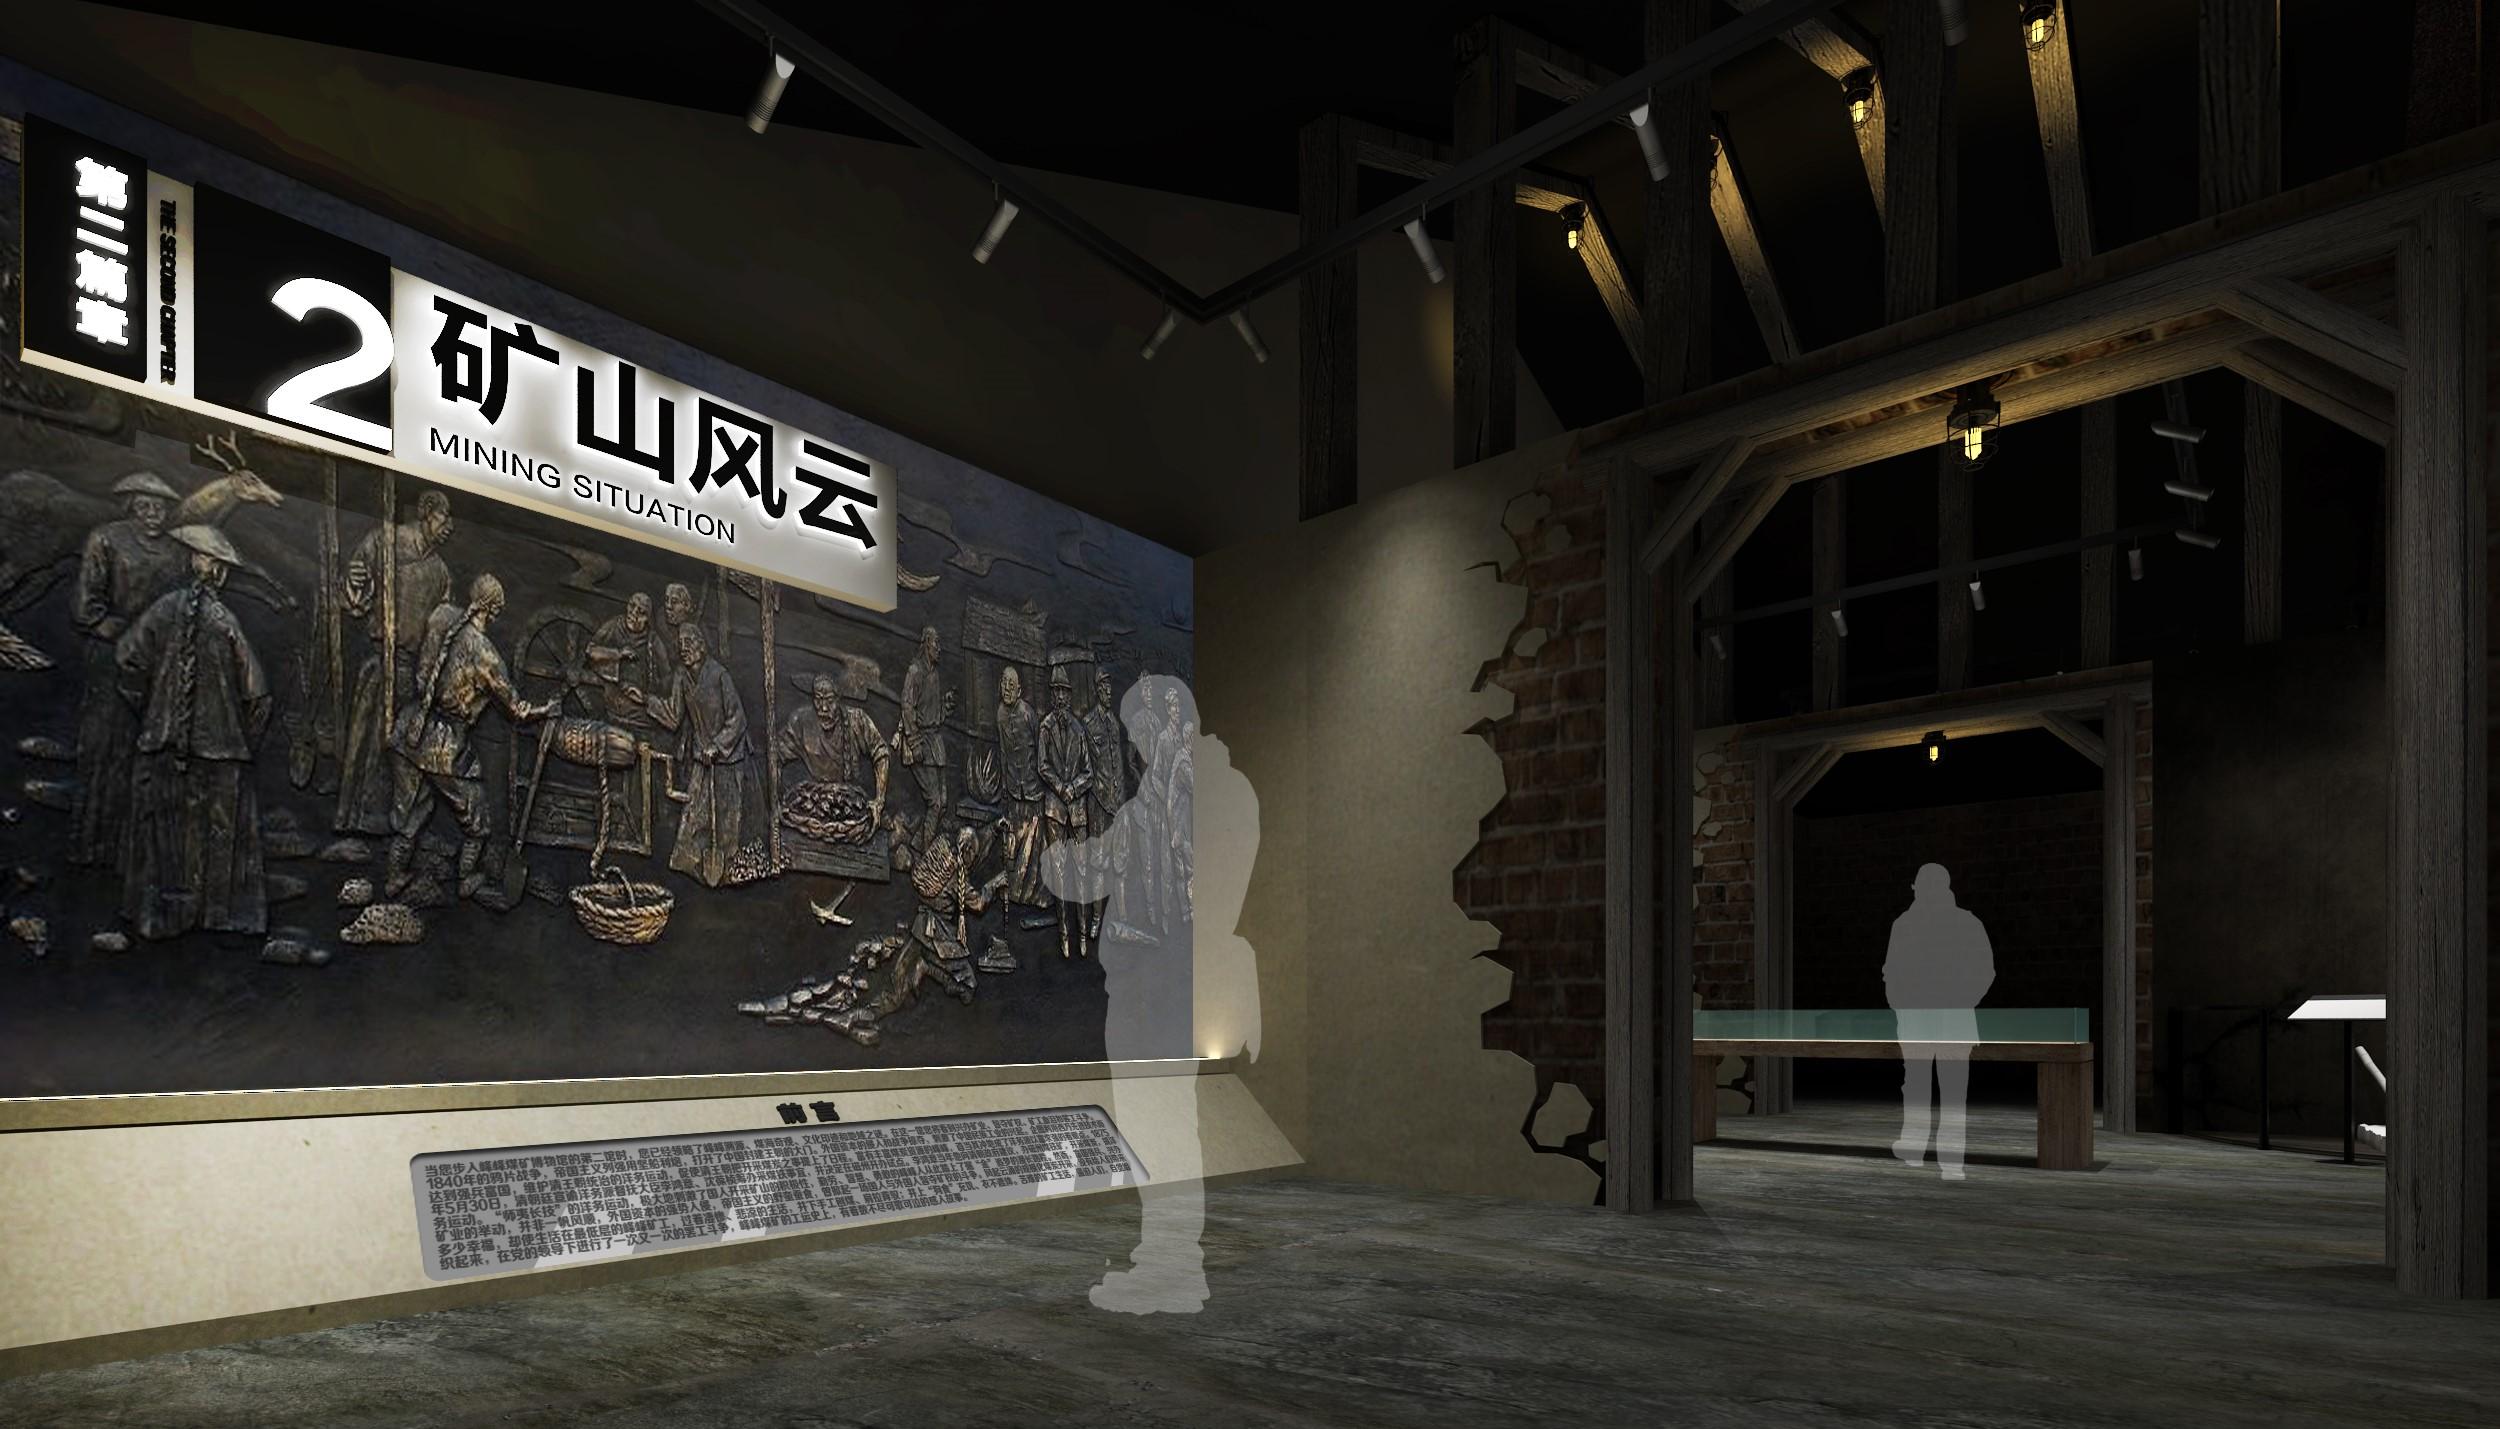 峰峰煤炭博物馆